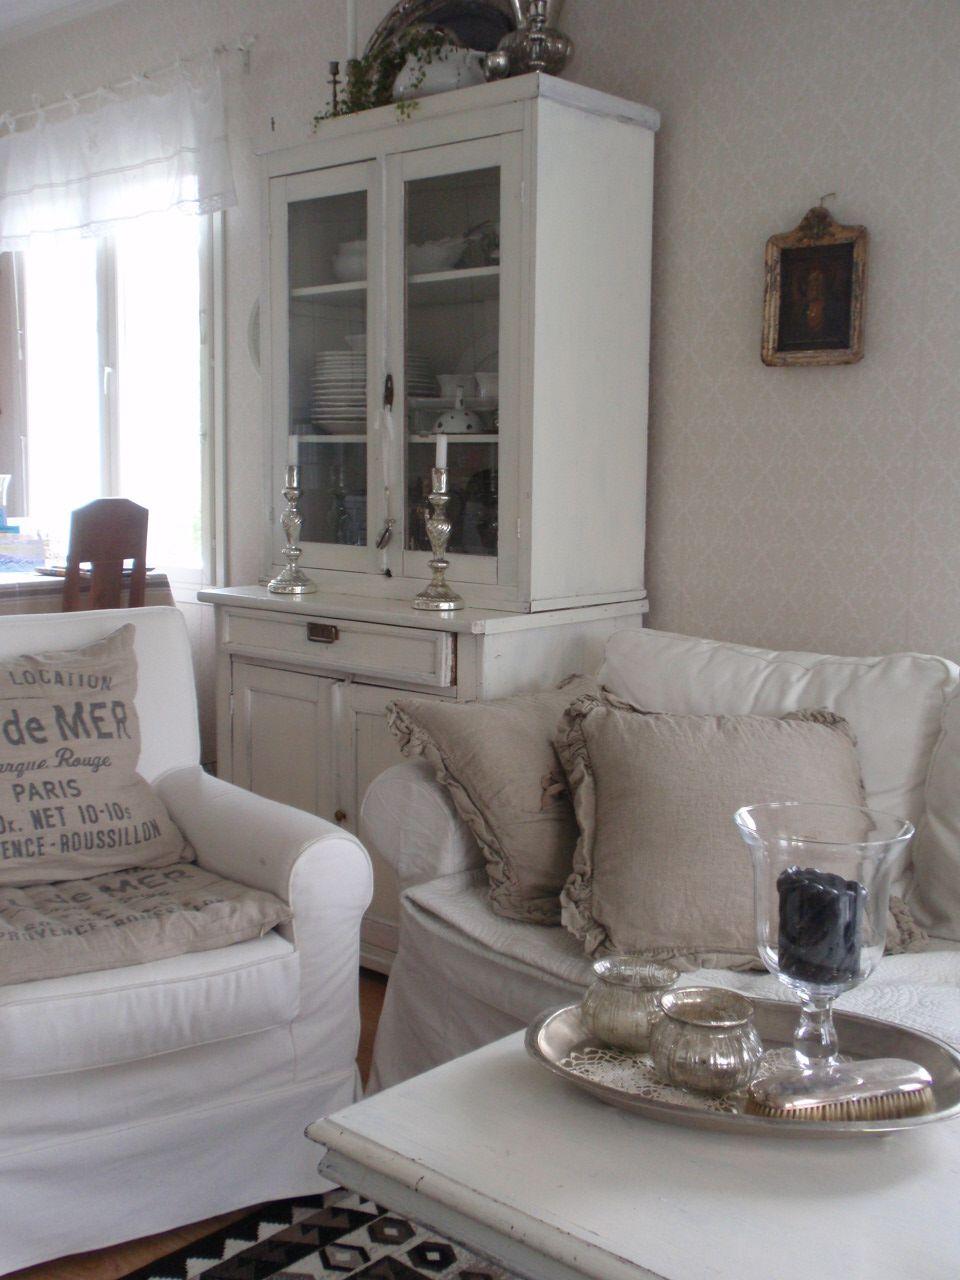 Maalaisromanttinen-olohuone.jpeg 960×1280 pikseliä